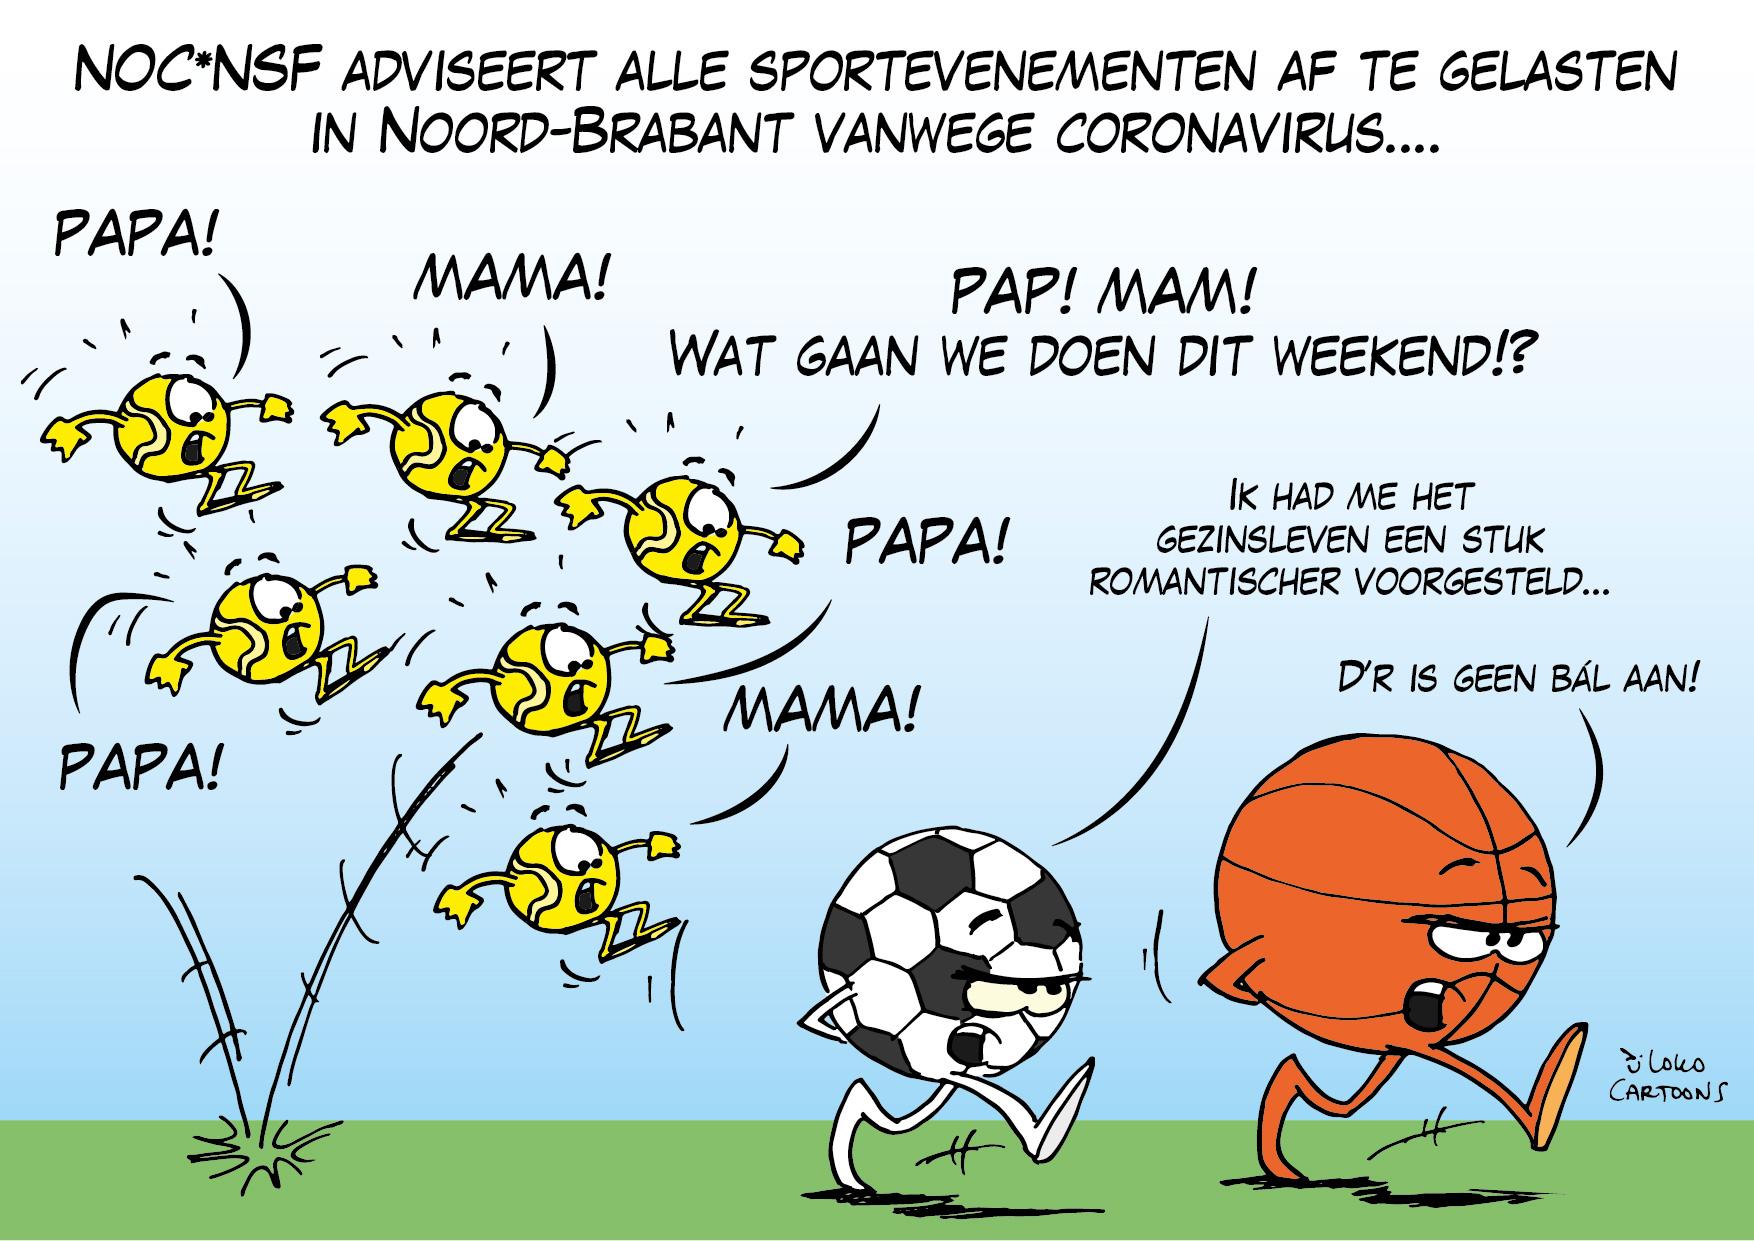 NOC*NCF adviseert alle sportevenementen af te gelasten in Noord-Brabant vanwege coronavirus…